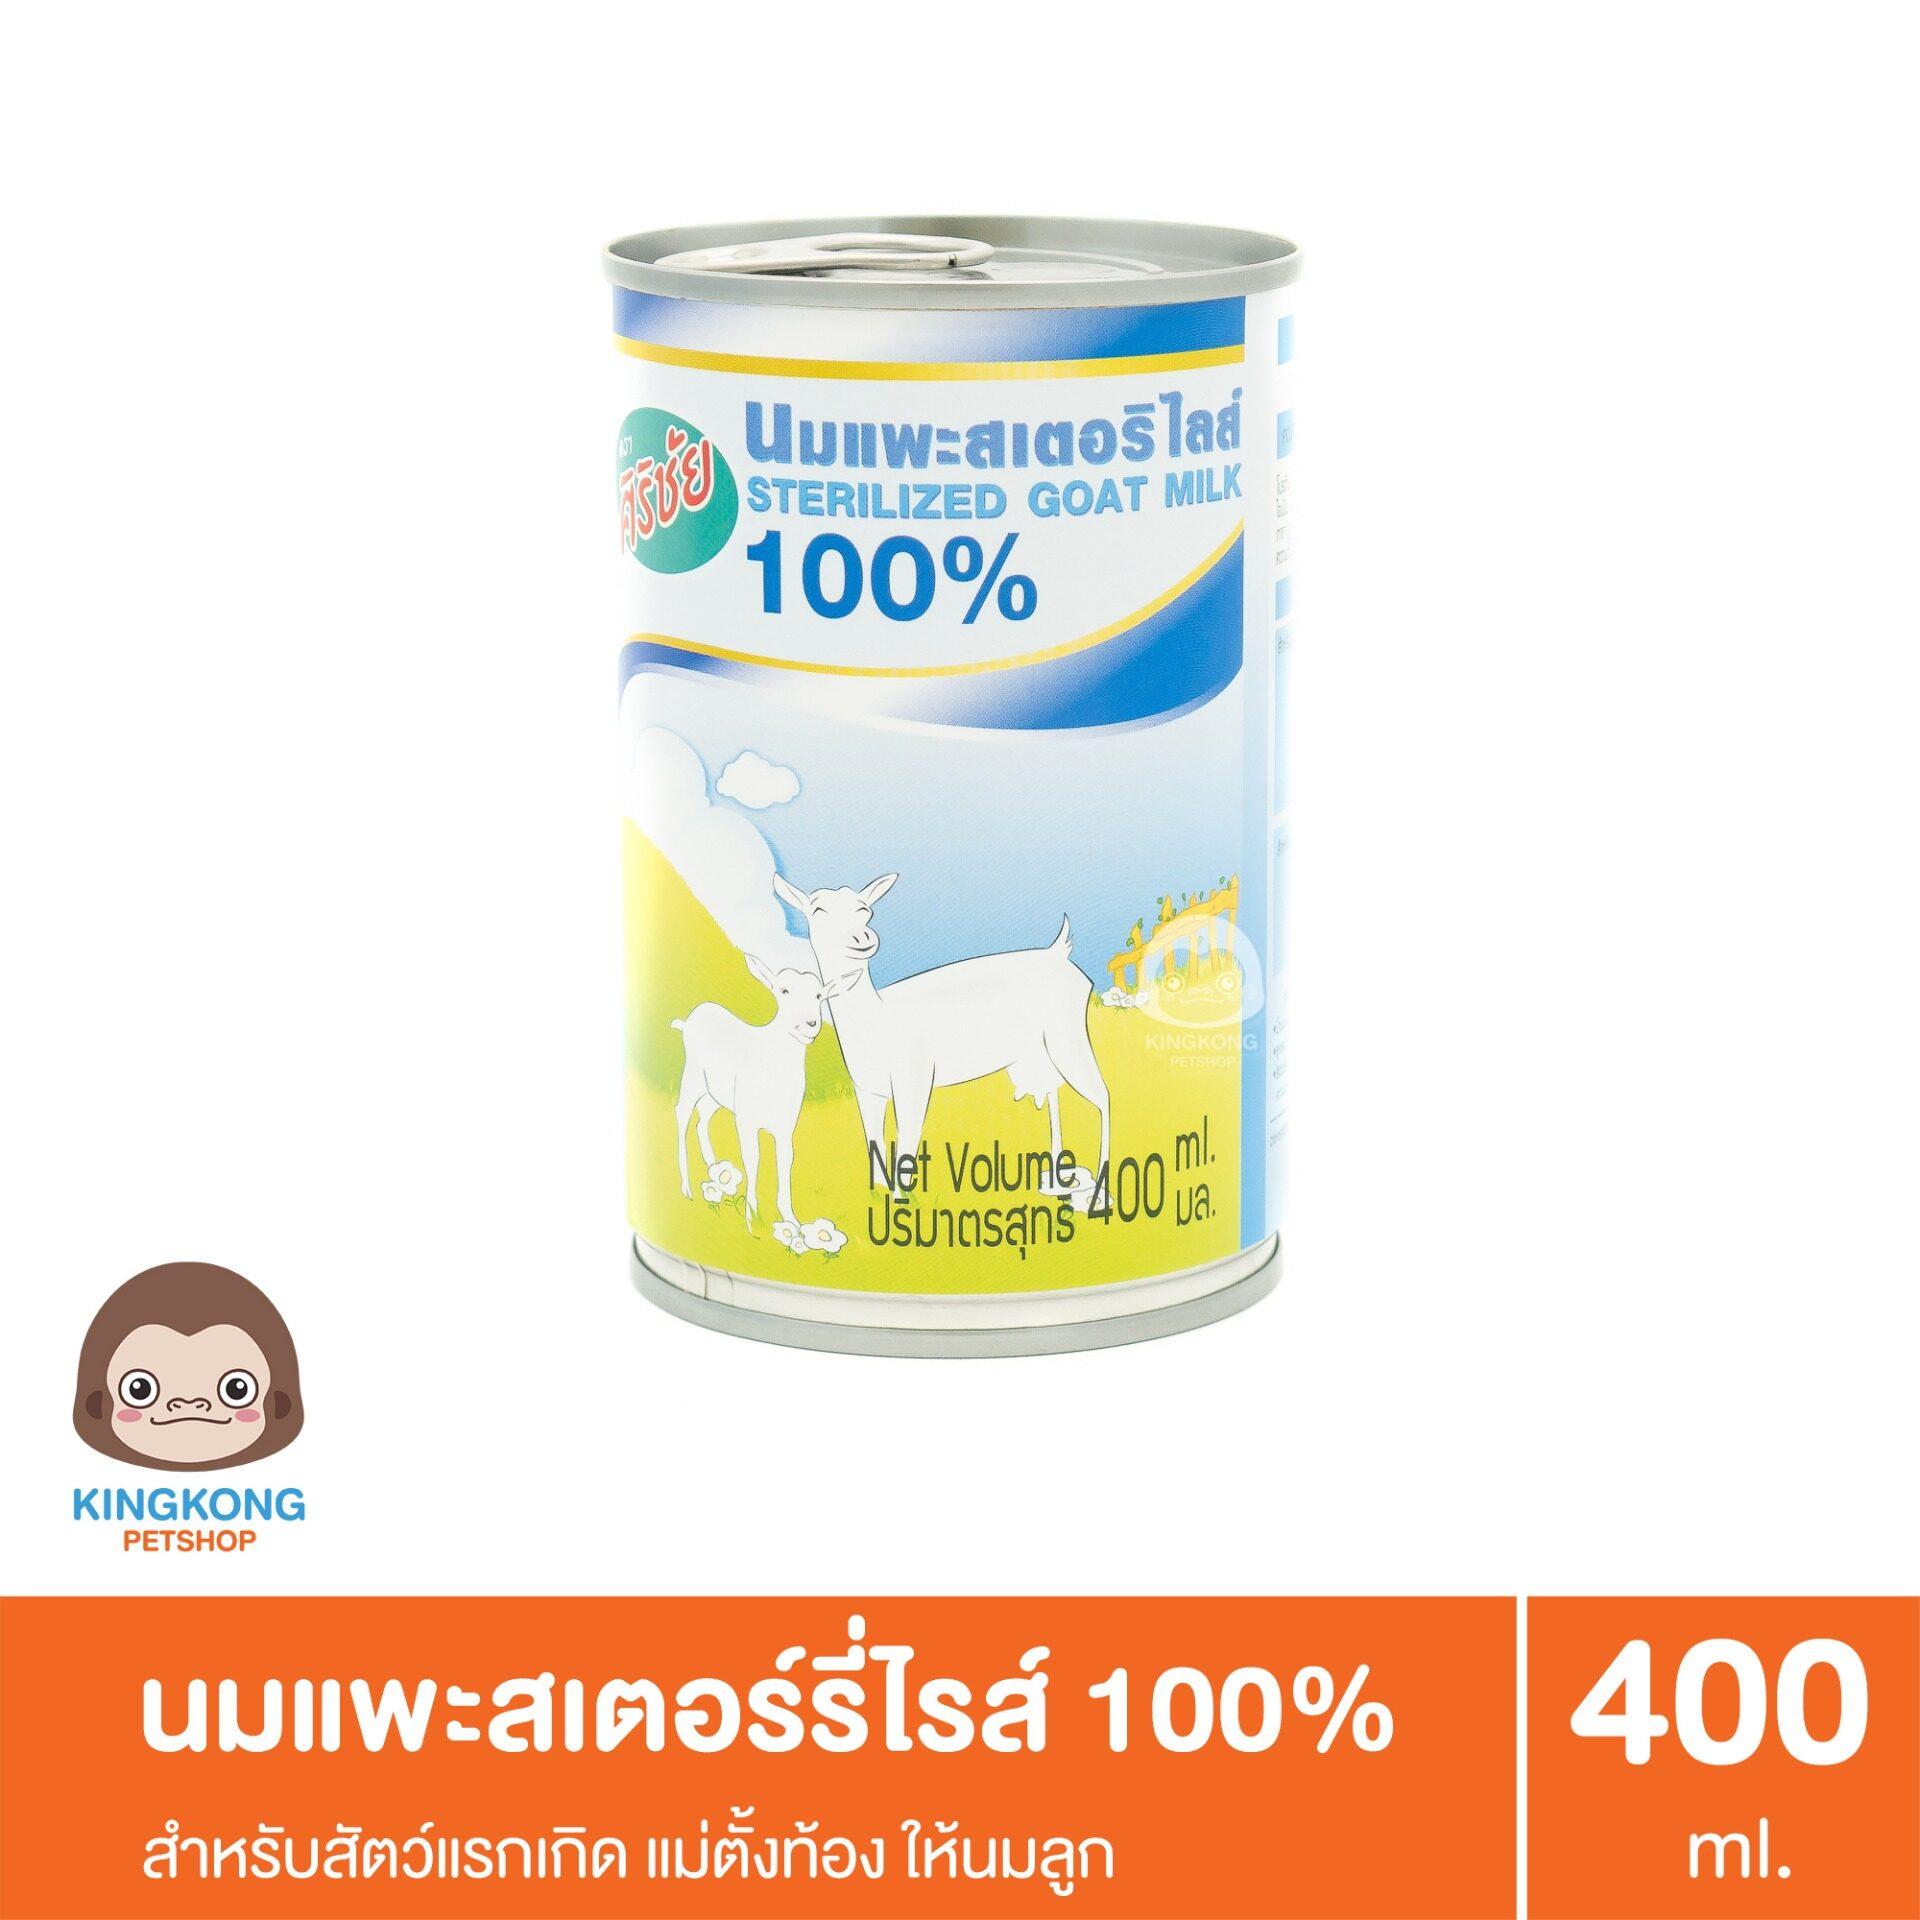 ศิริชัย นมแพะสเตอริไลล์ 400ml /กระป๋อง.